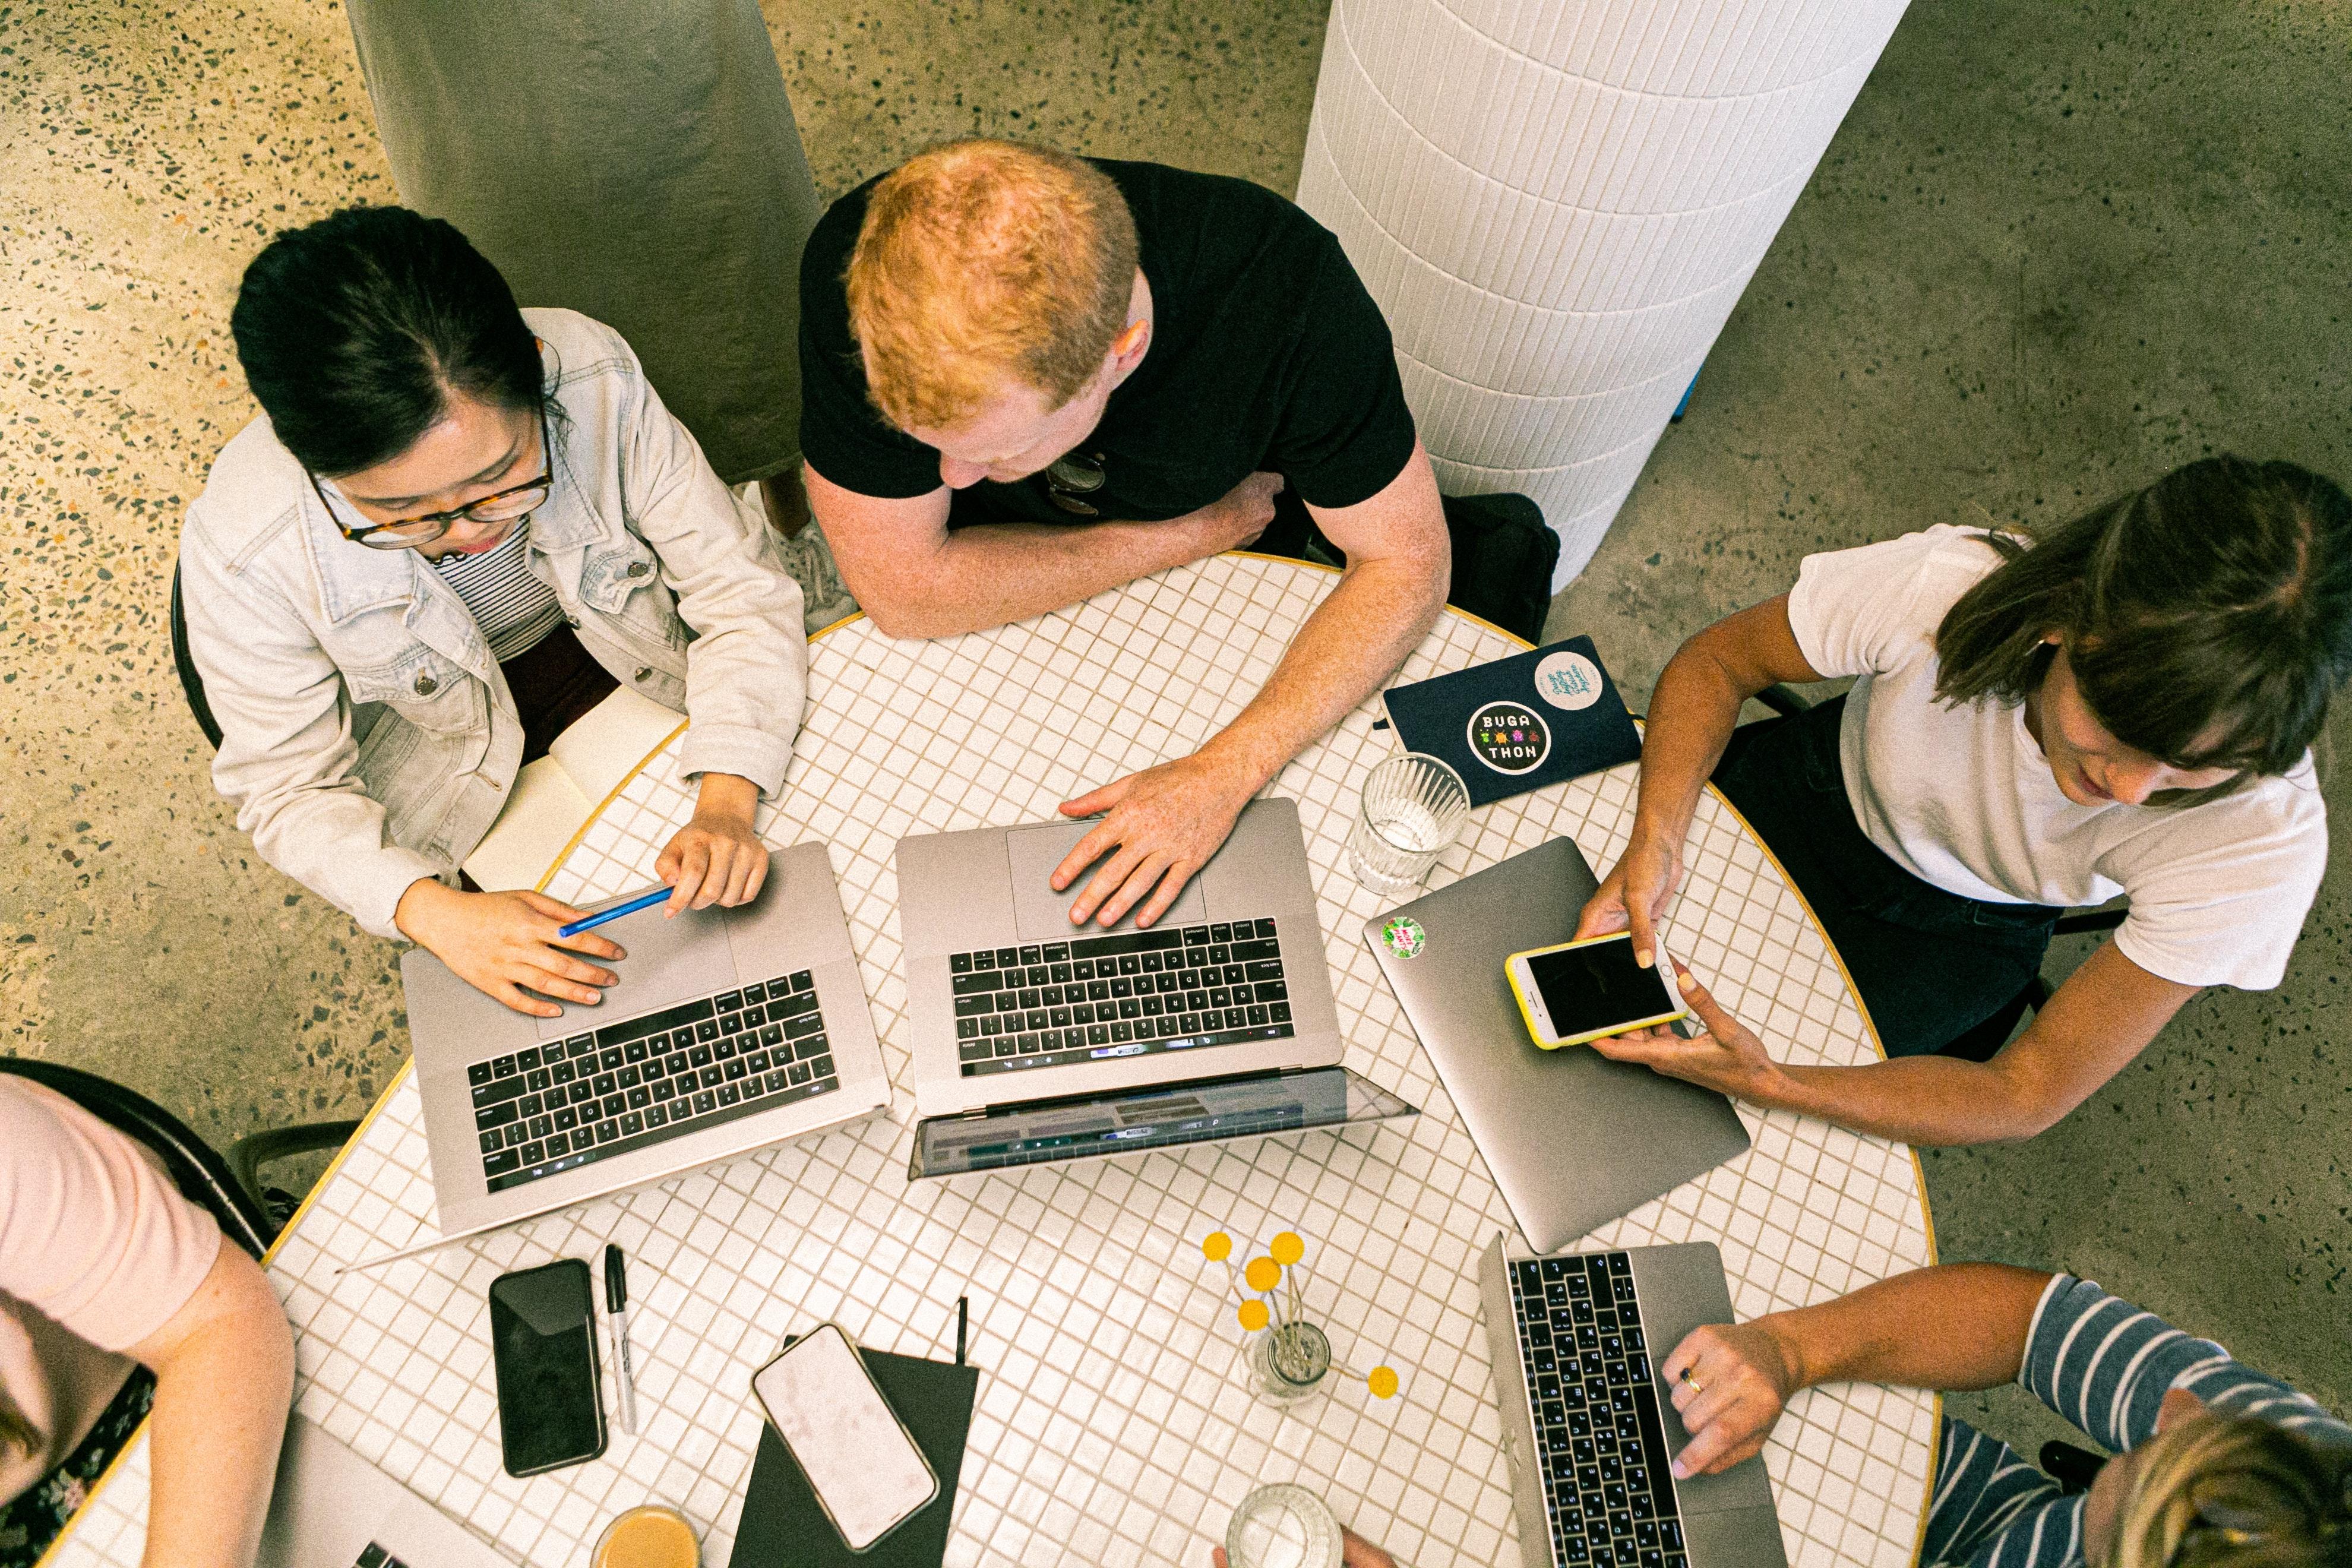 Innováció, növekedés, szabadság? - A munkahelyi kreativitás receptje